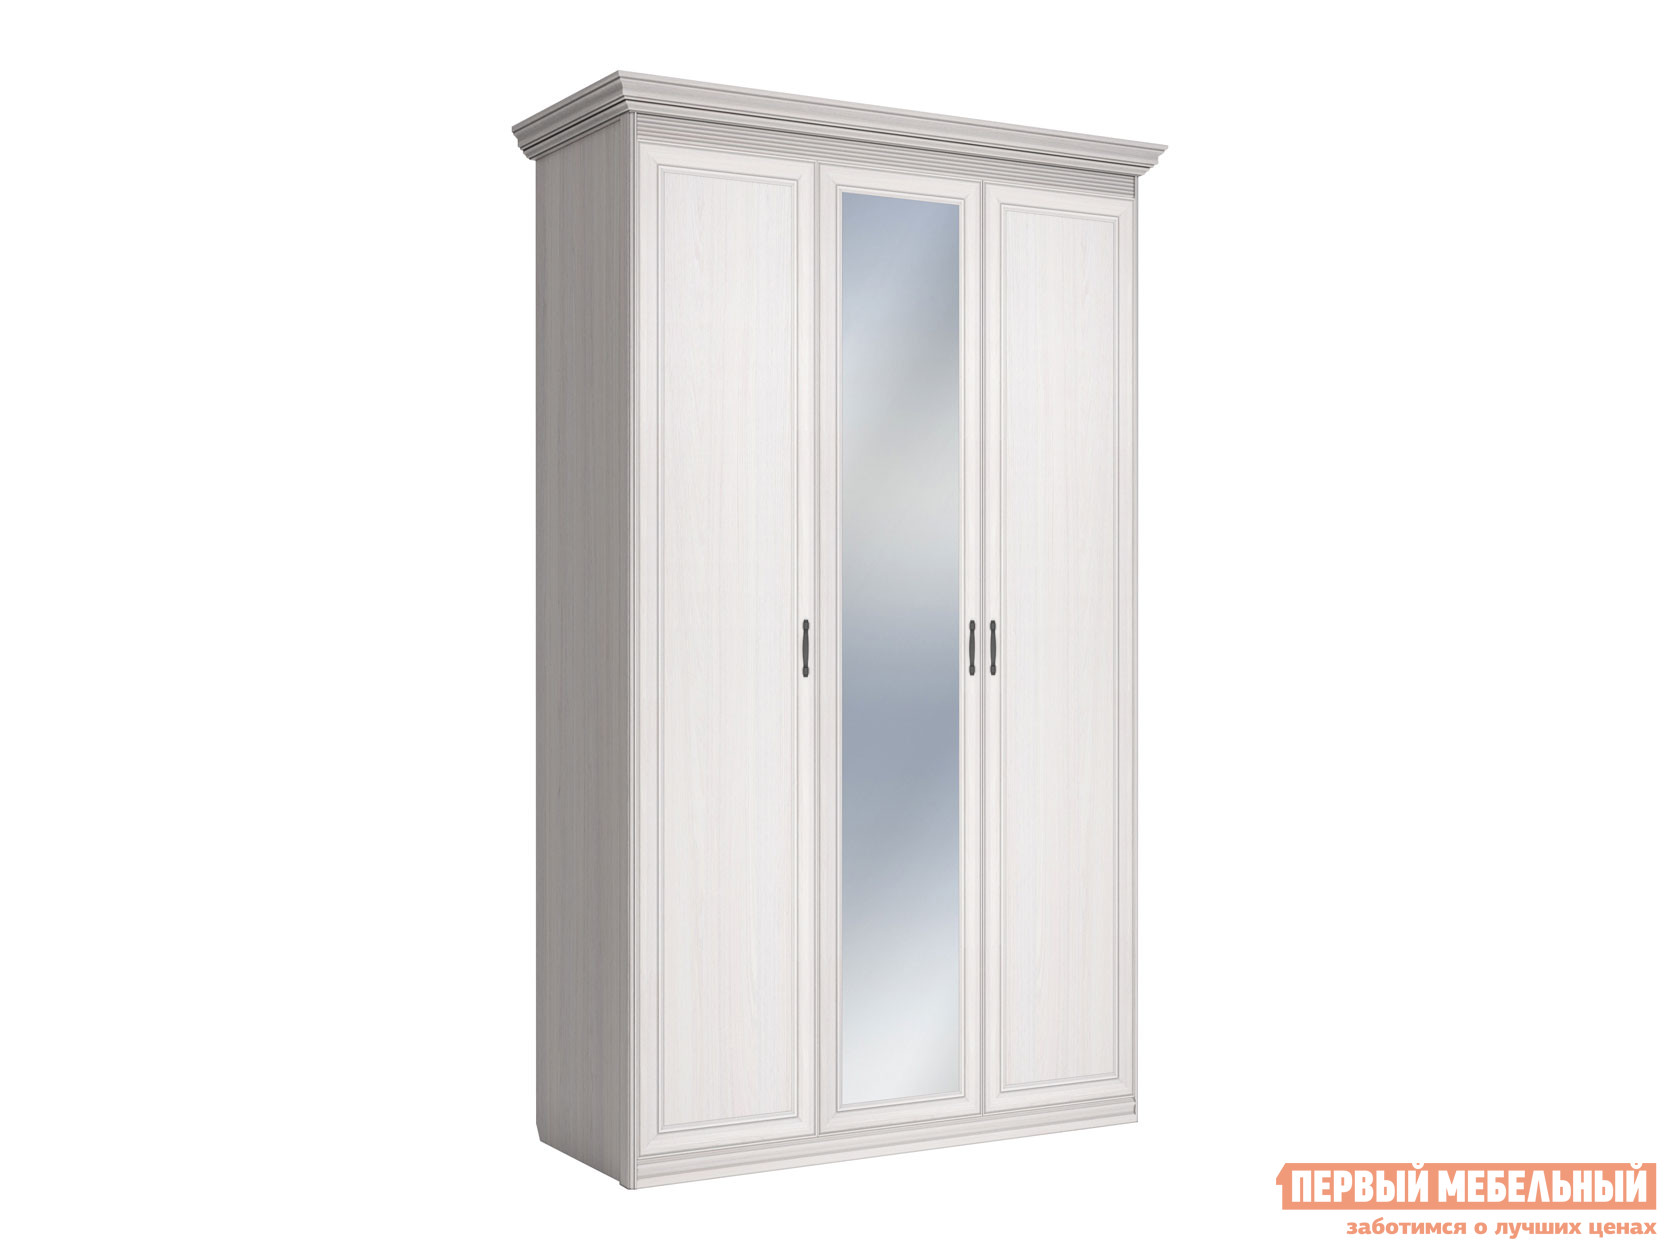 Распашной шкаф Первый Мебельный Шкаф 3-х дверный Неаполь